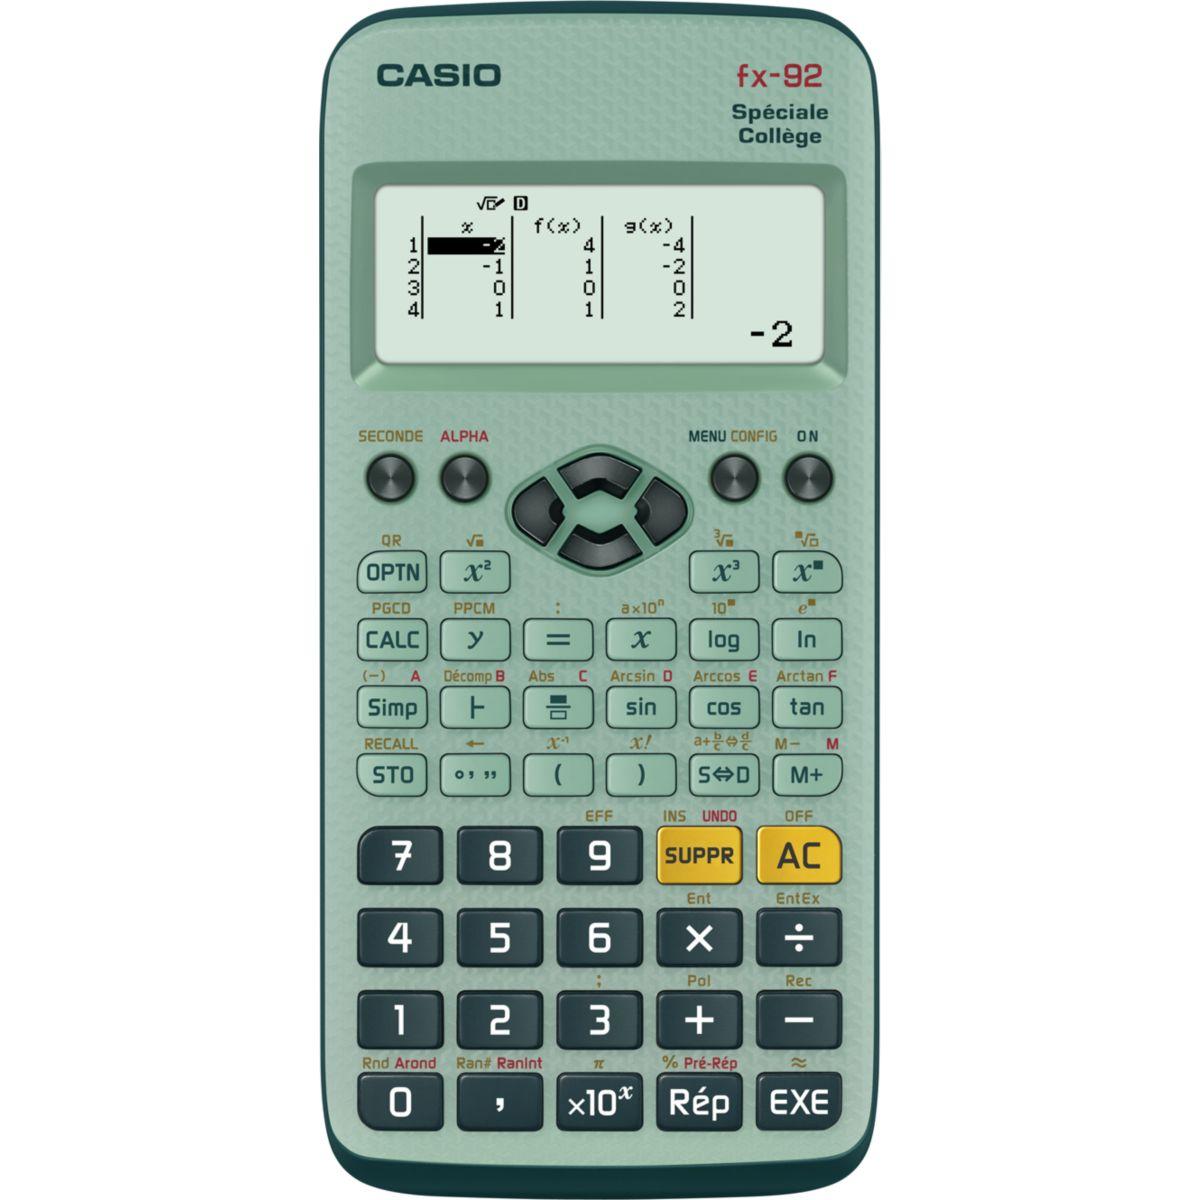 Calculatrice scientifique casio fx92 college (photo)